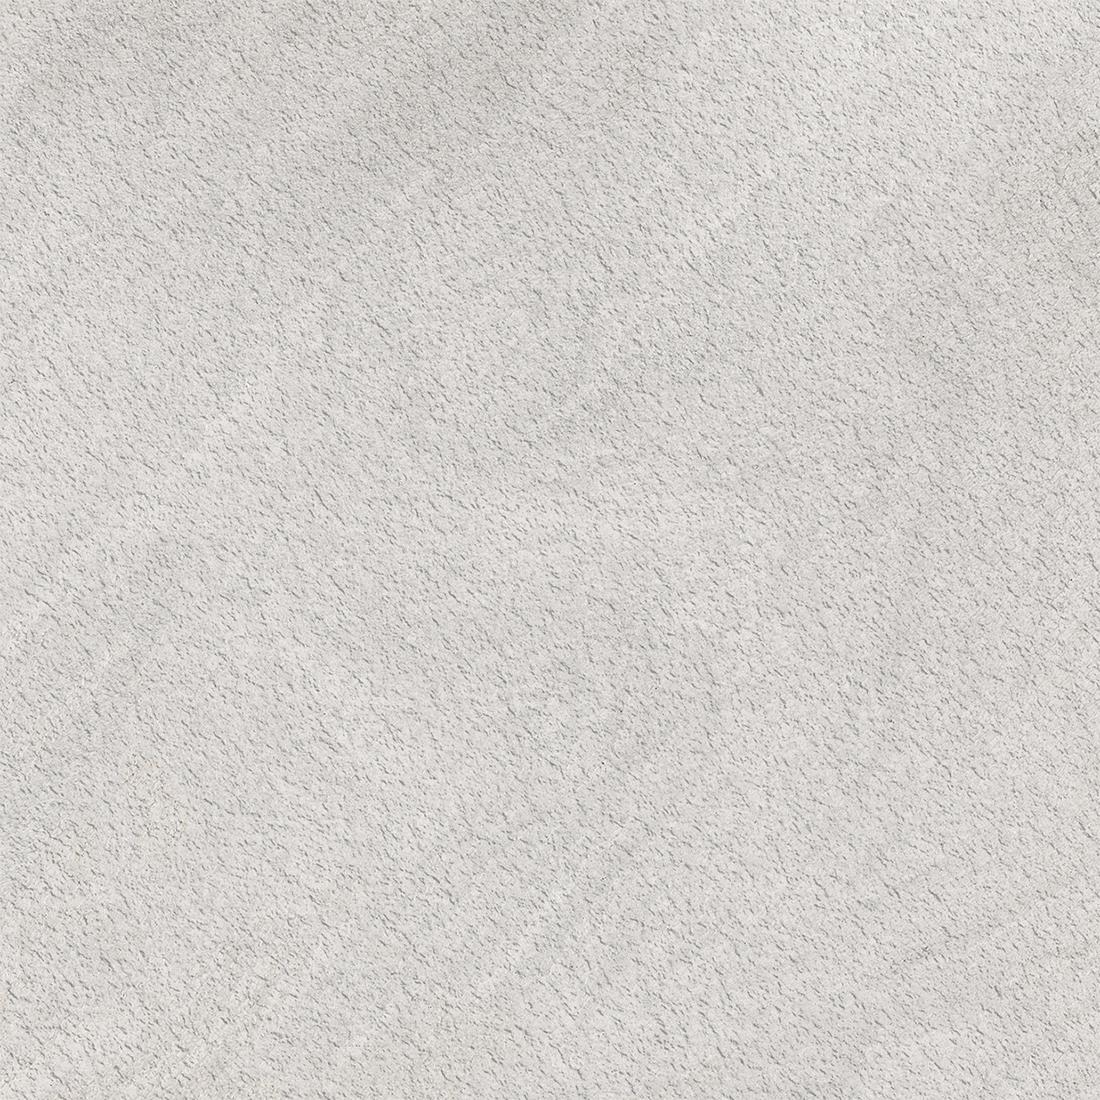 Aster 60x60x1.6 Bianco Matt R11 1